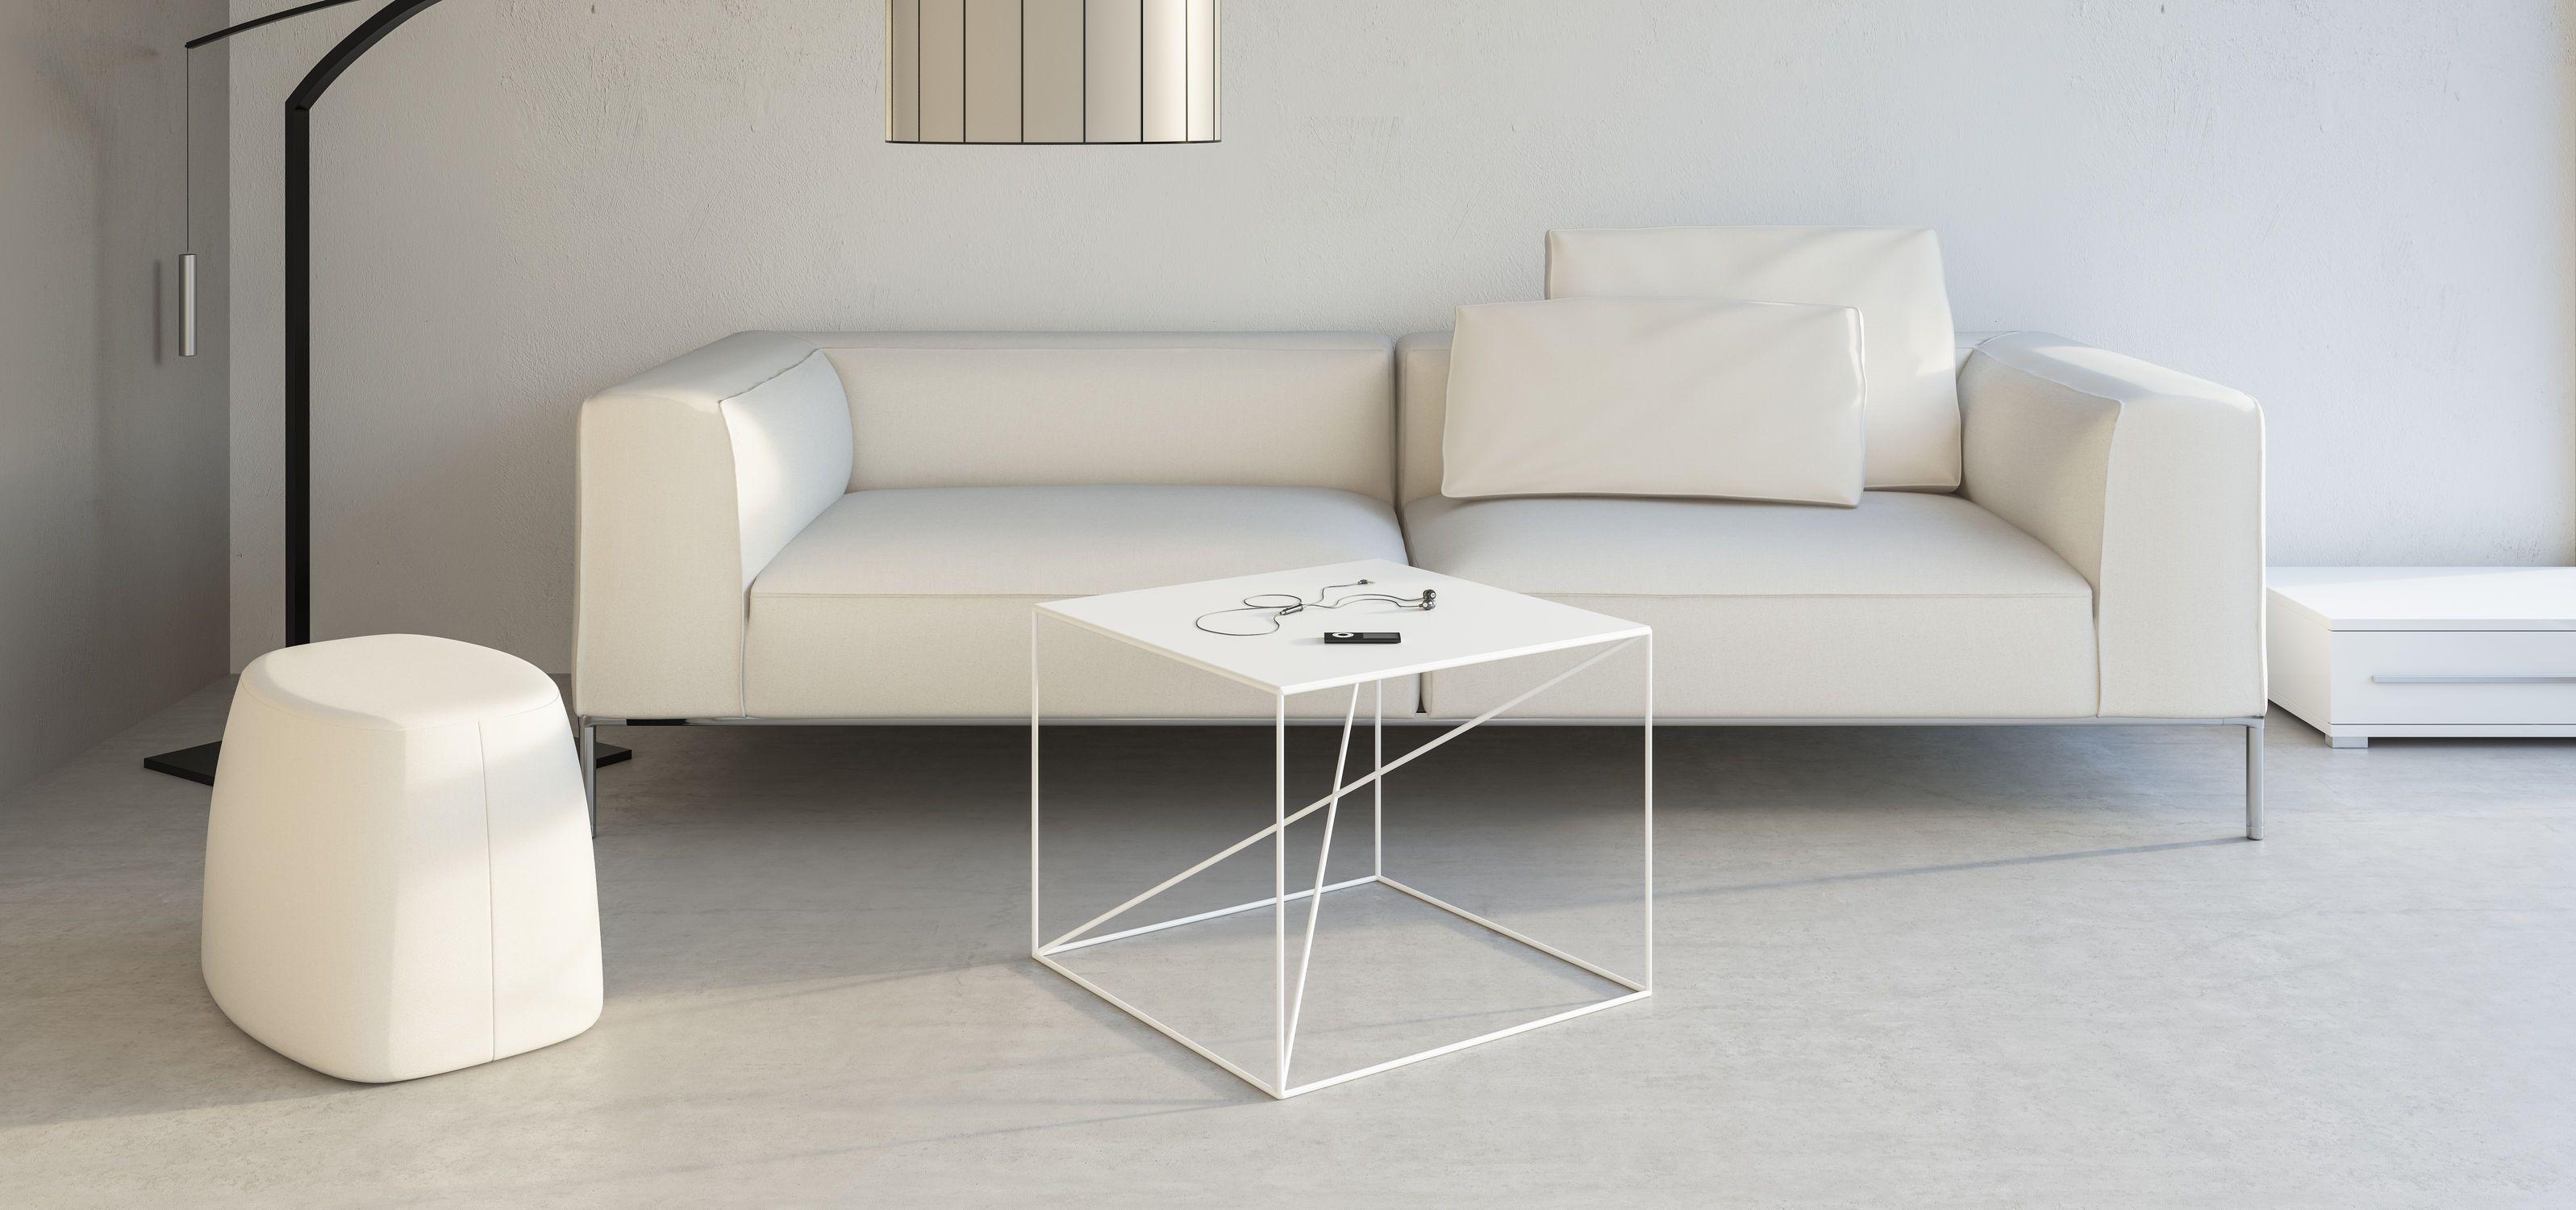 Einzigartige Couchtische Metall Kaffee Tisch Klein Couchtisch Glas